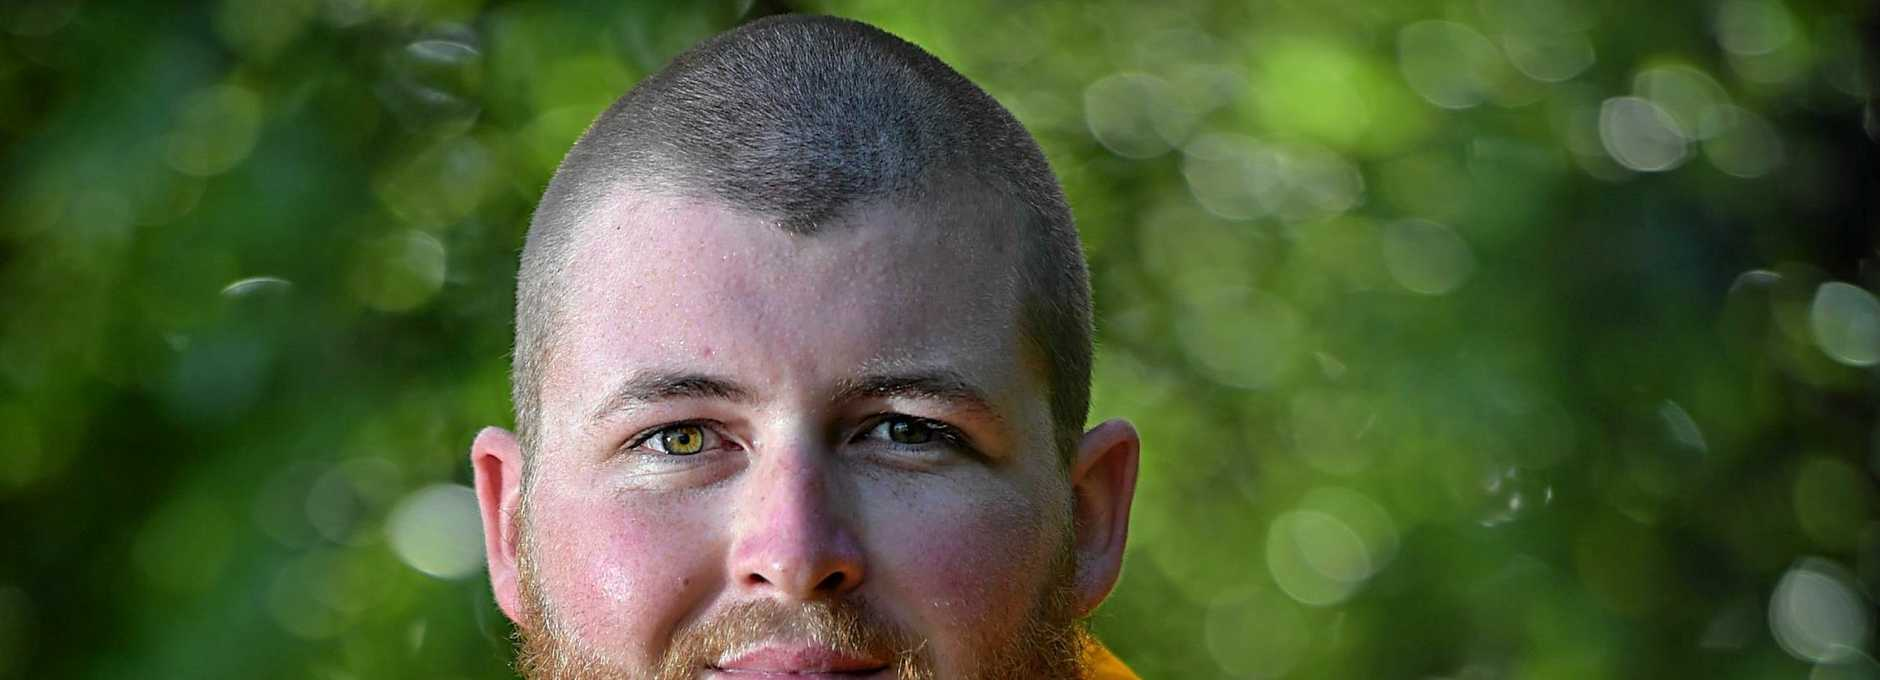 Ben Warneke has been inducted in the Rural Fire Brigade.